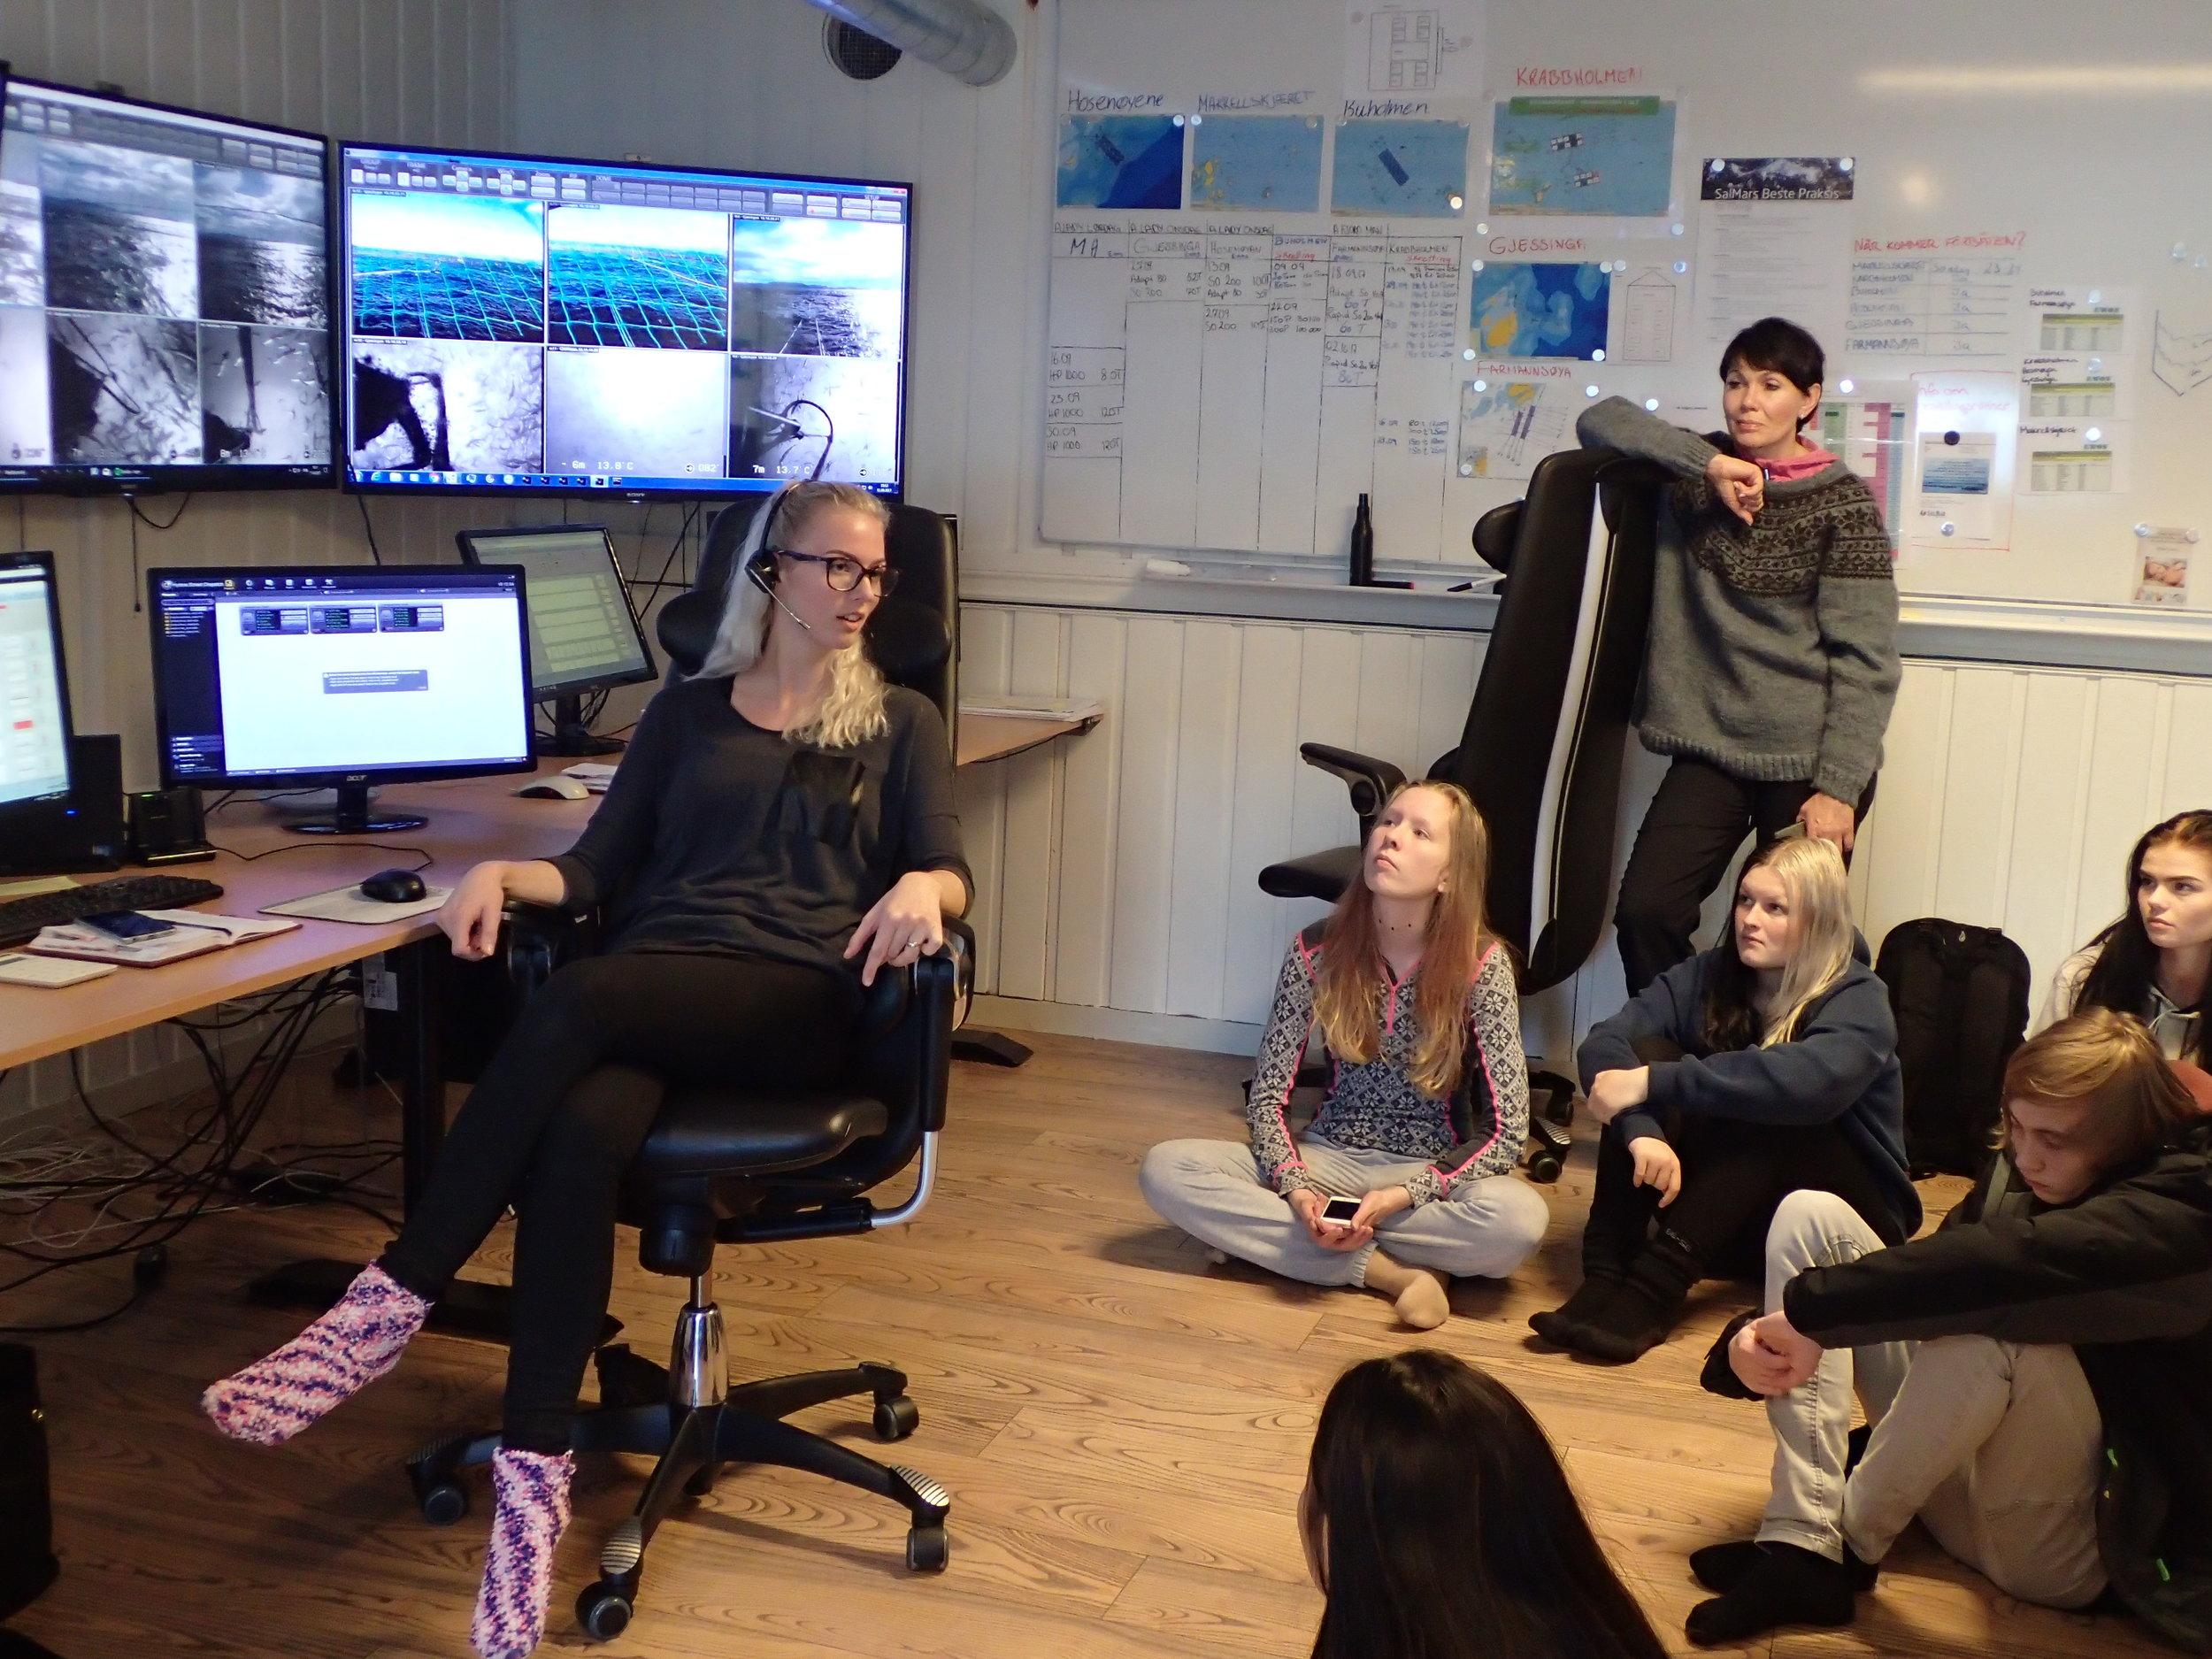 Fra kontrollrommet på SalMars fôrsenter i Herfjorden i Stokksund.